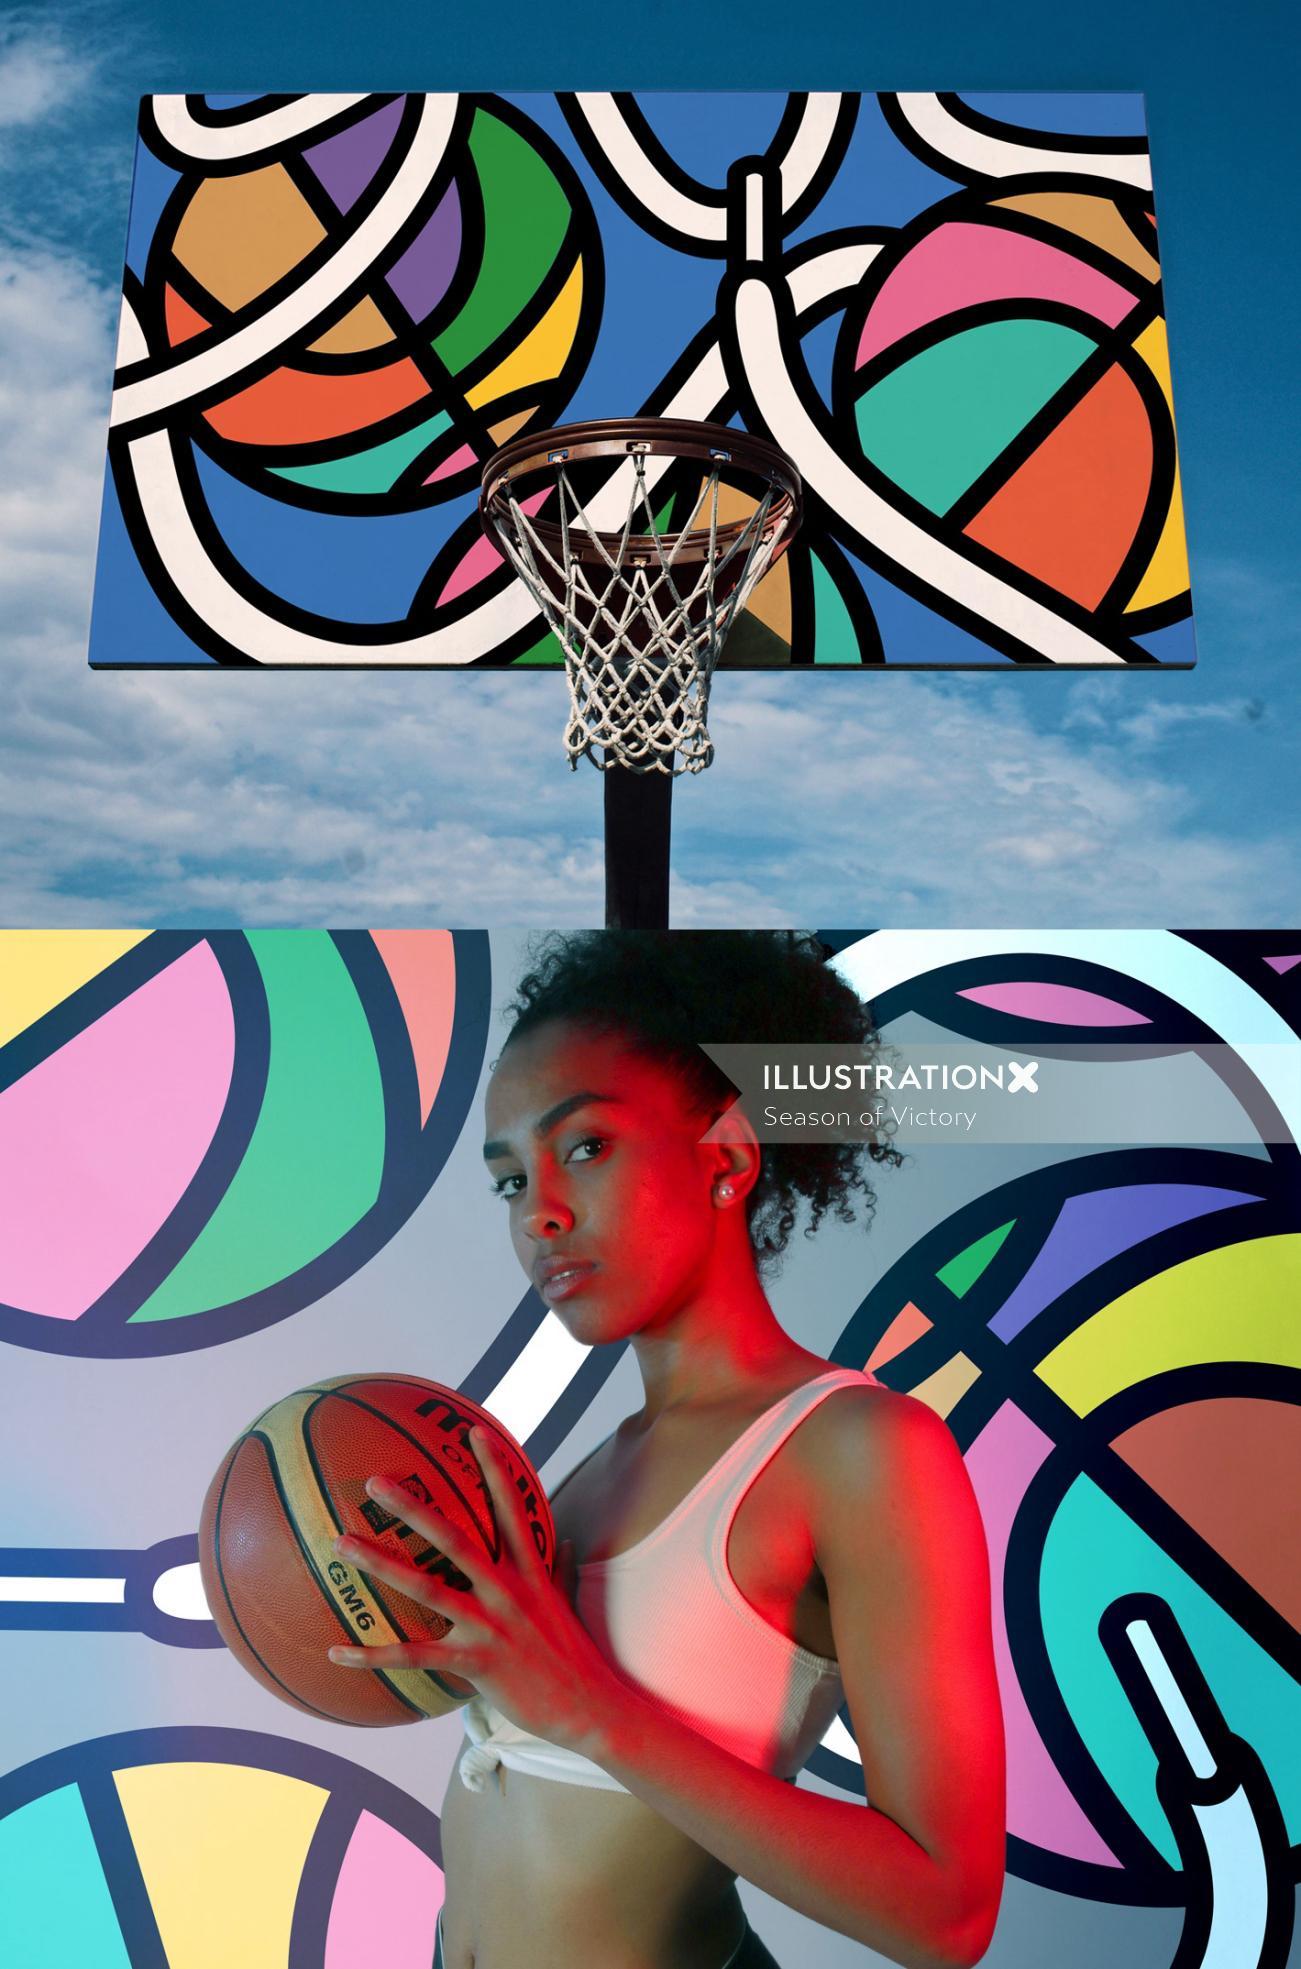 Mural illustration of Basketball court